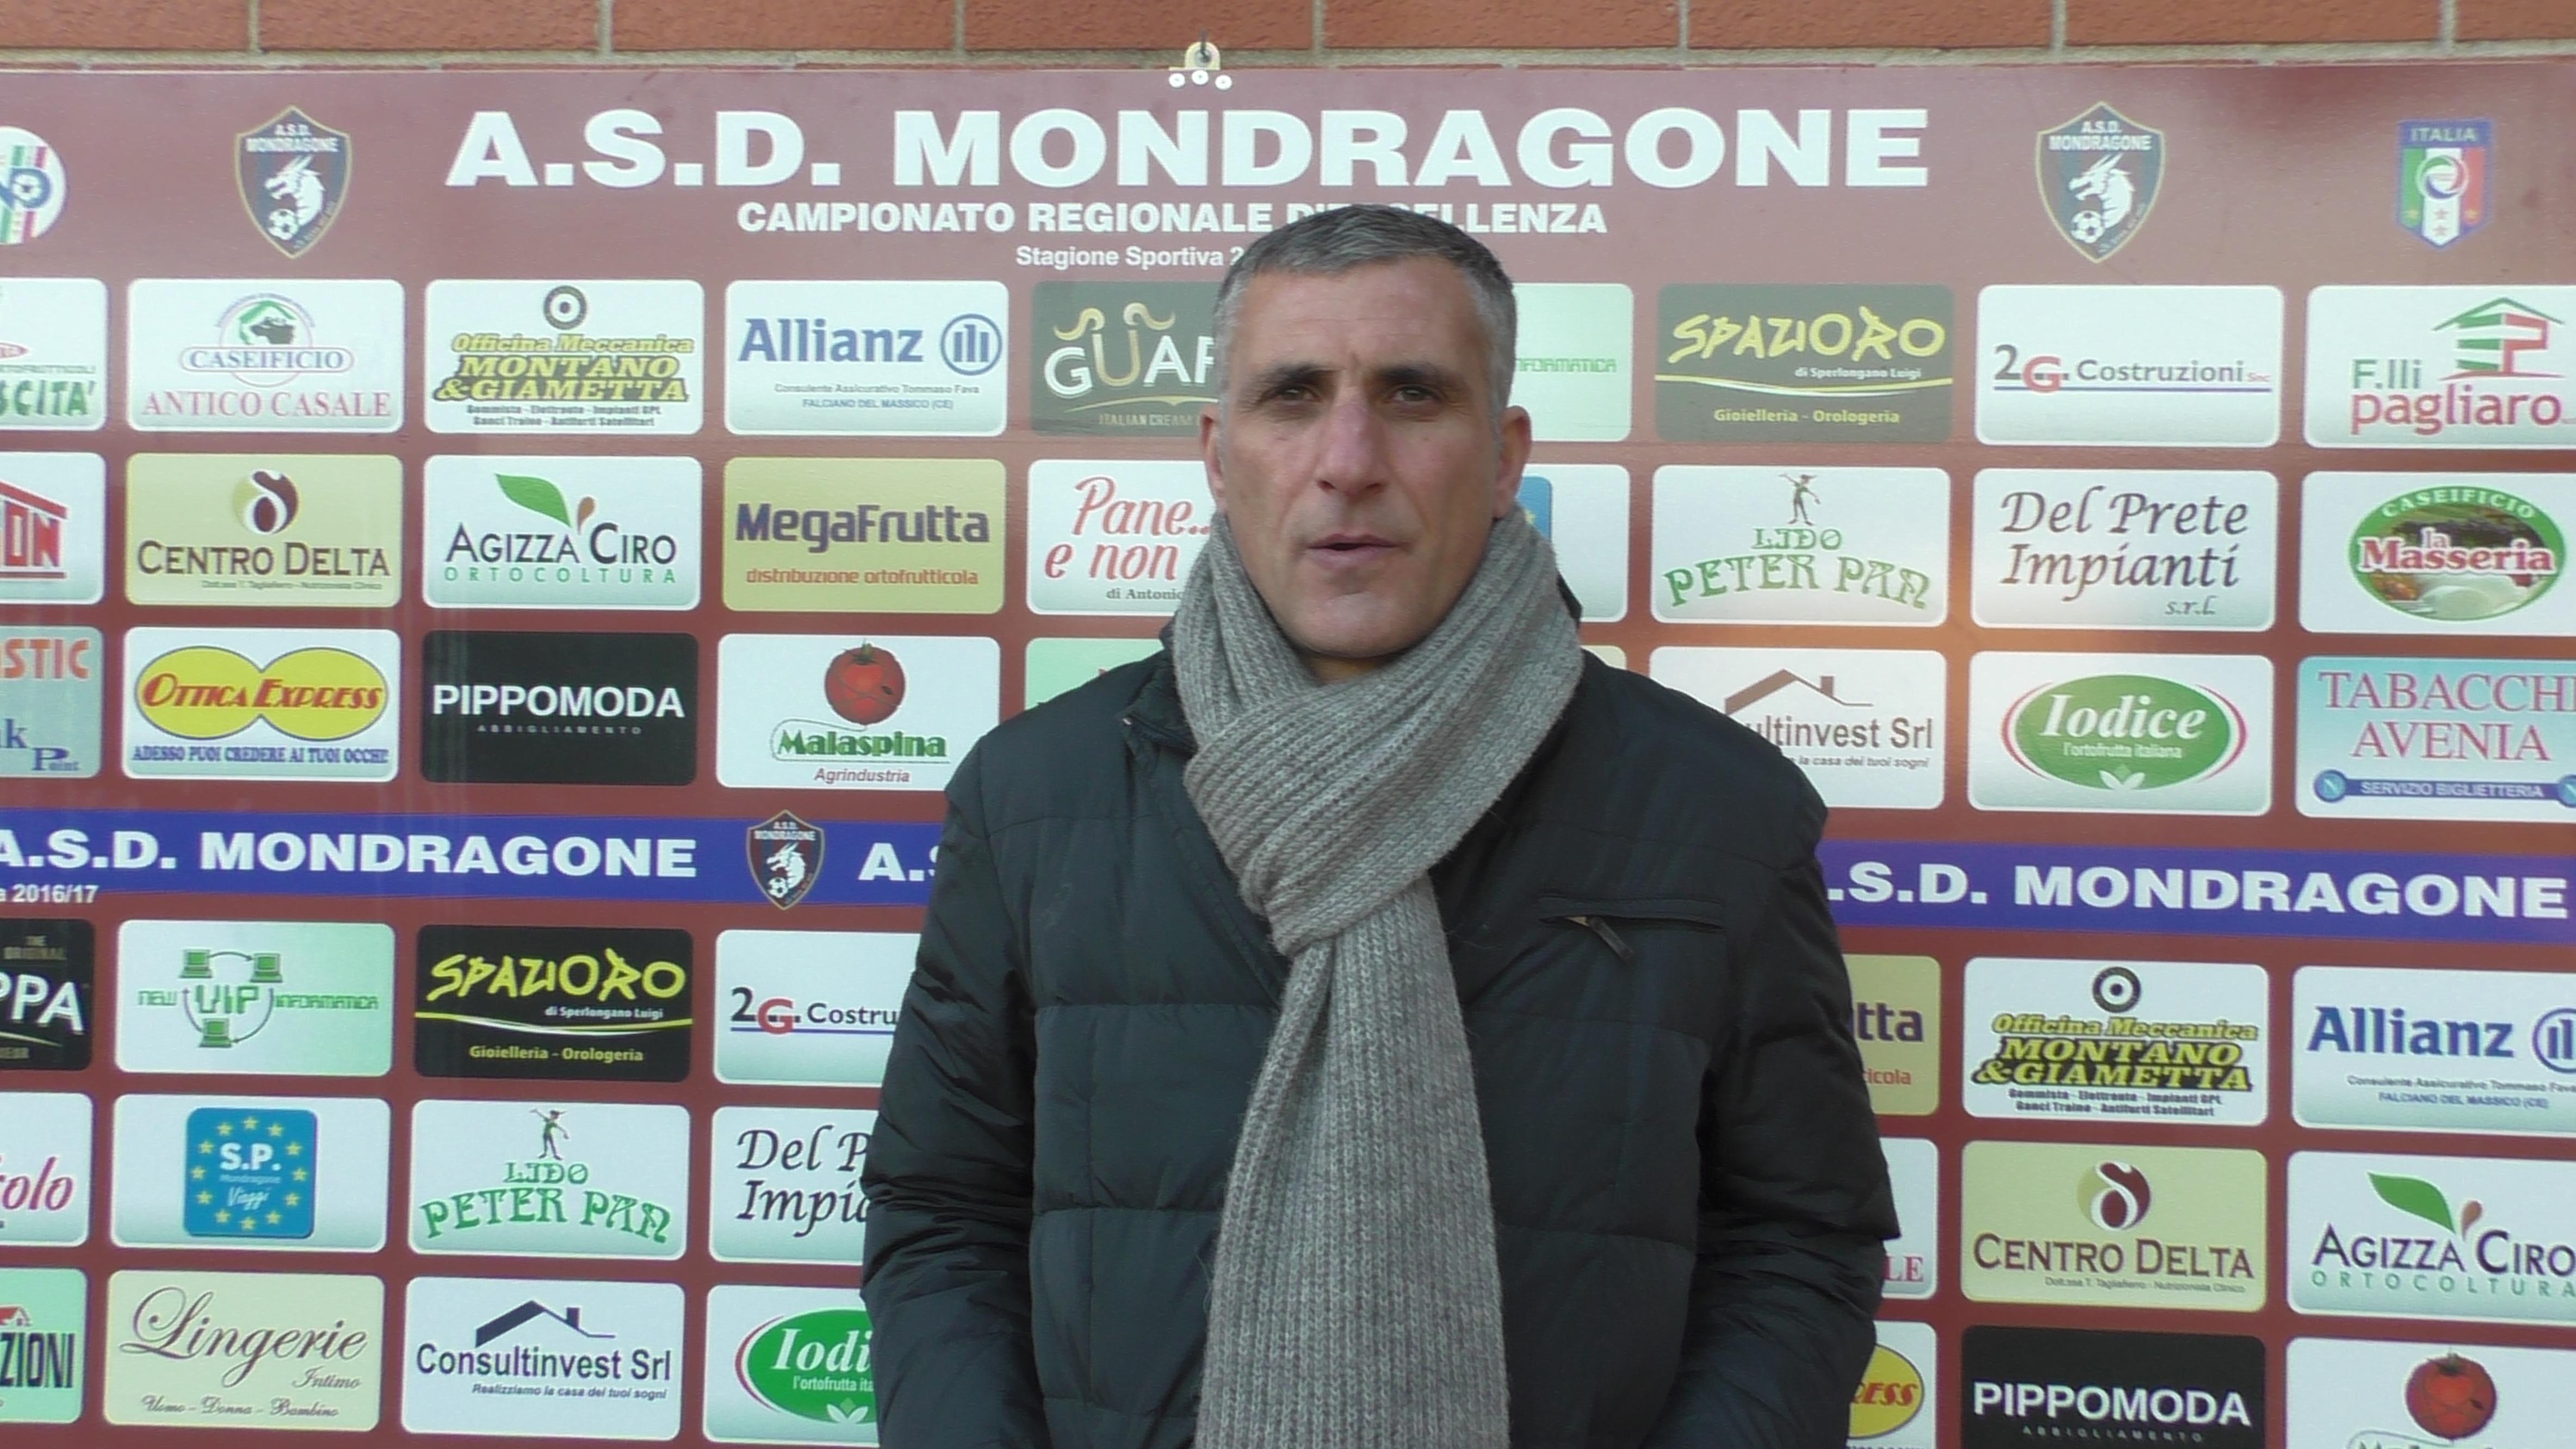 """Mondragone, il diesse Cogliandro è fiducioso: """"Se giochiamo sempre così centreremo l'obiettivo"""""""